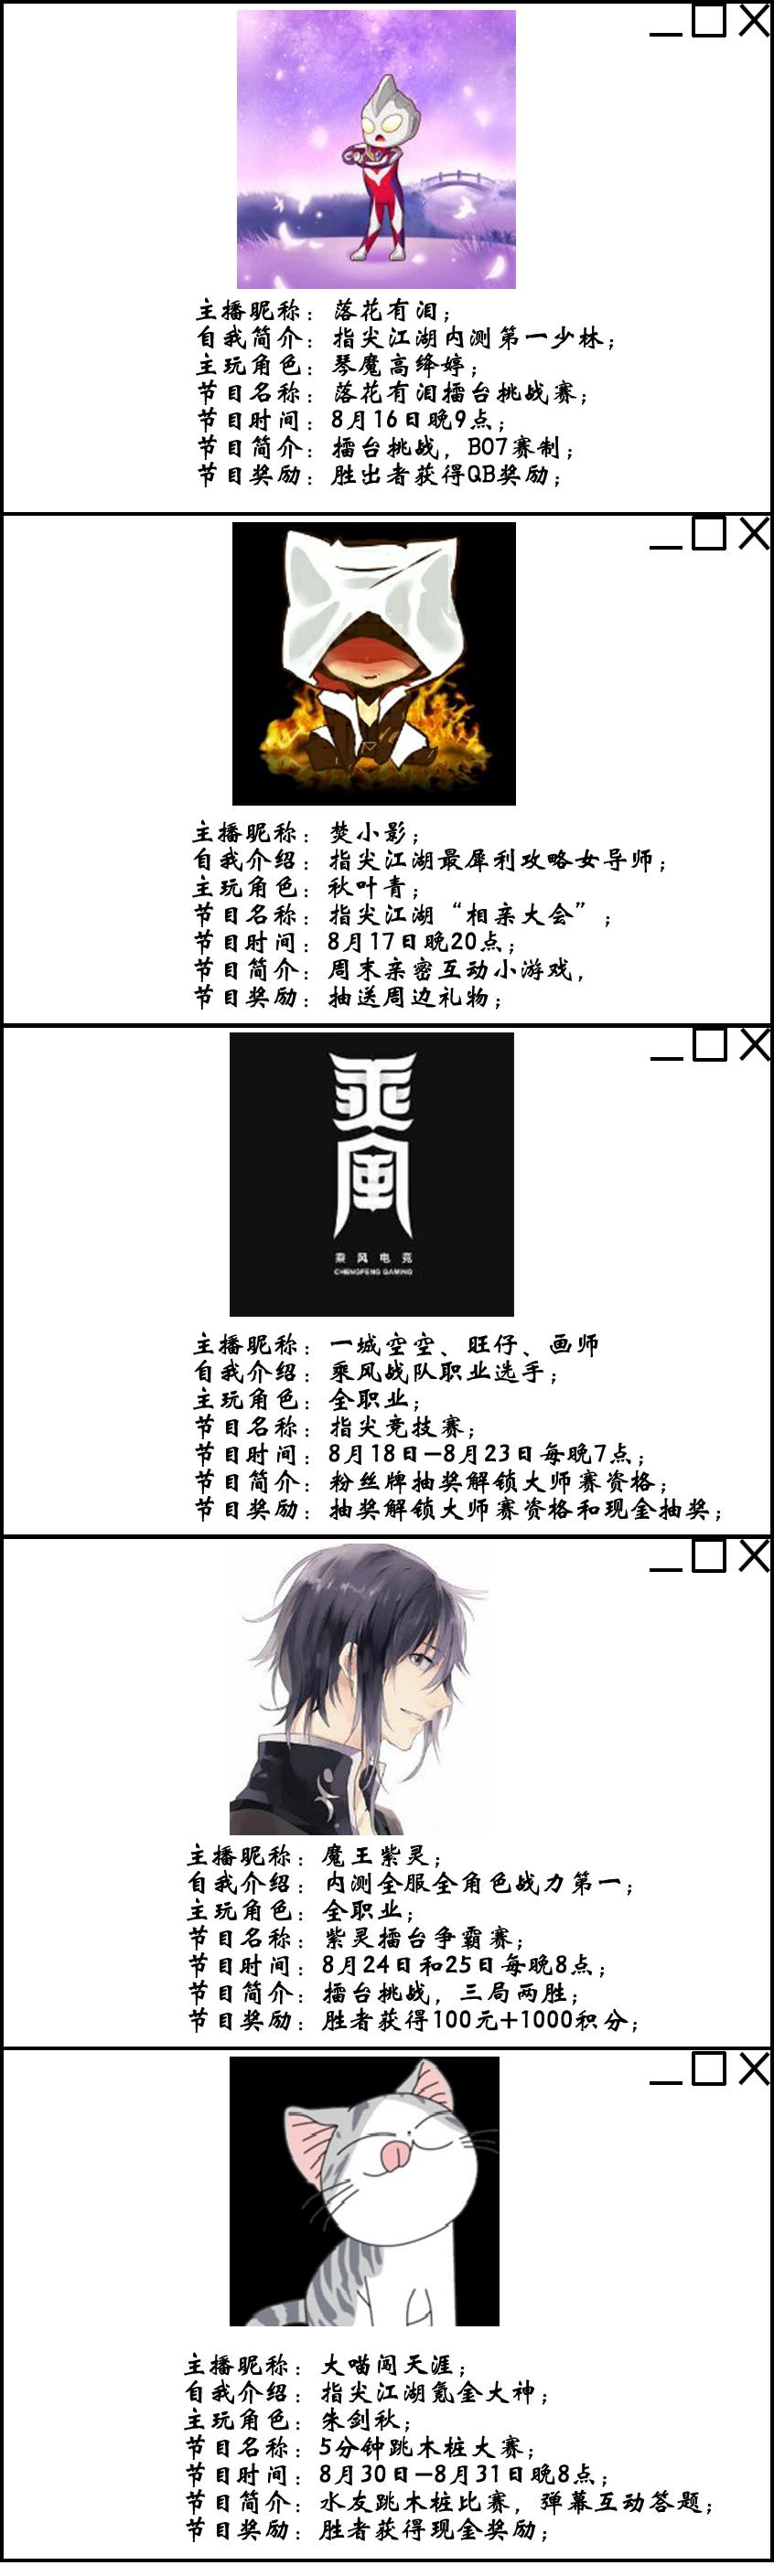 斗鱼《剑网3:指尖江湖》活动日历开启啦!